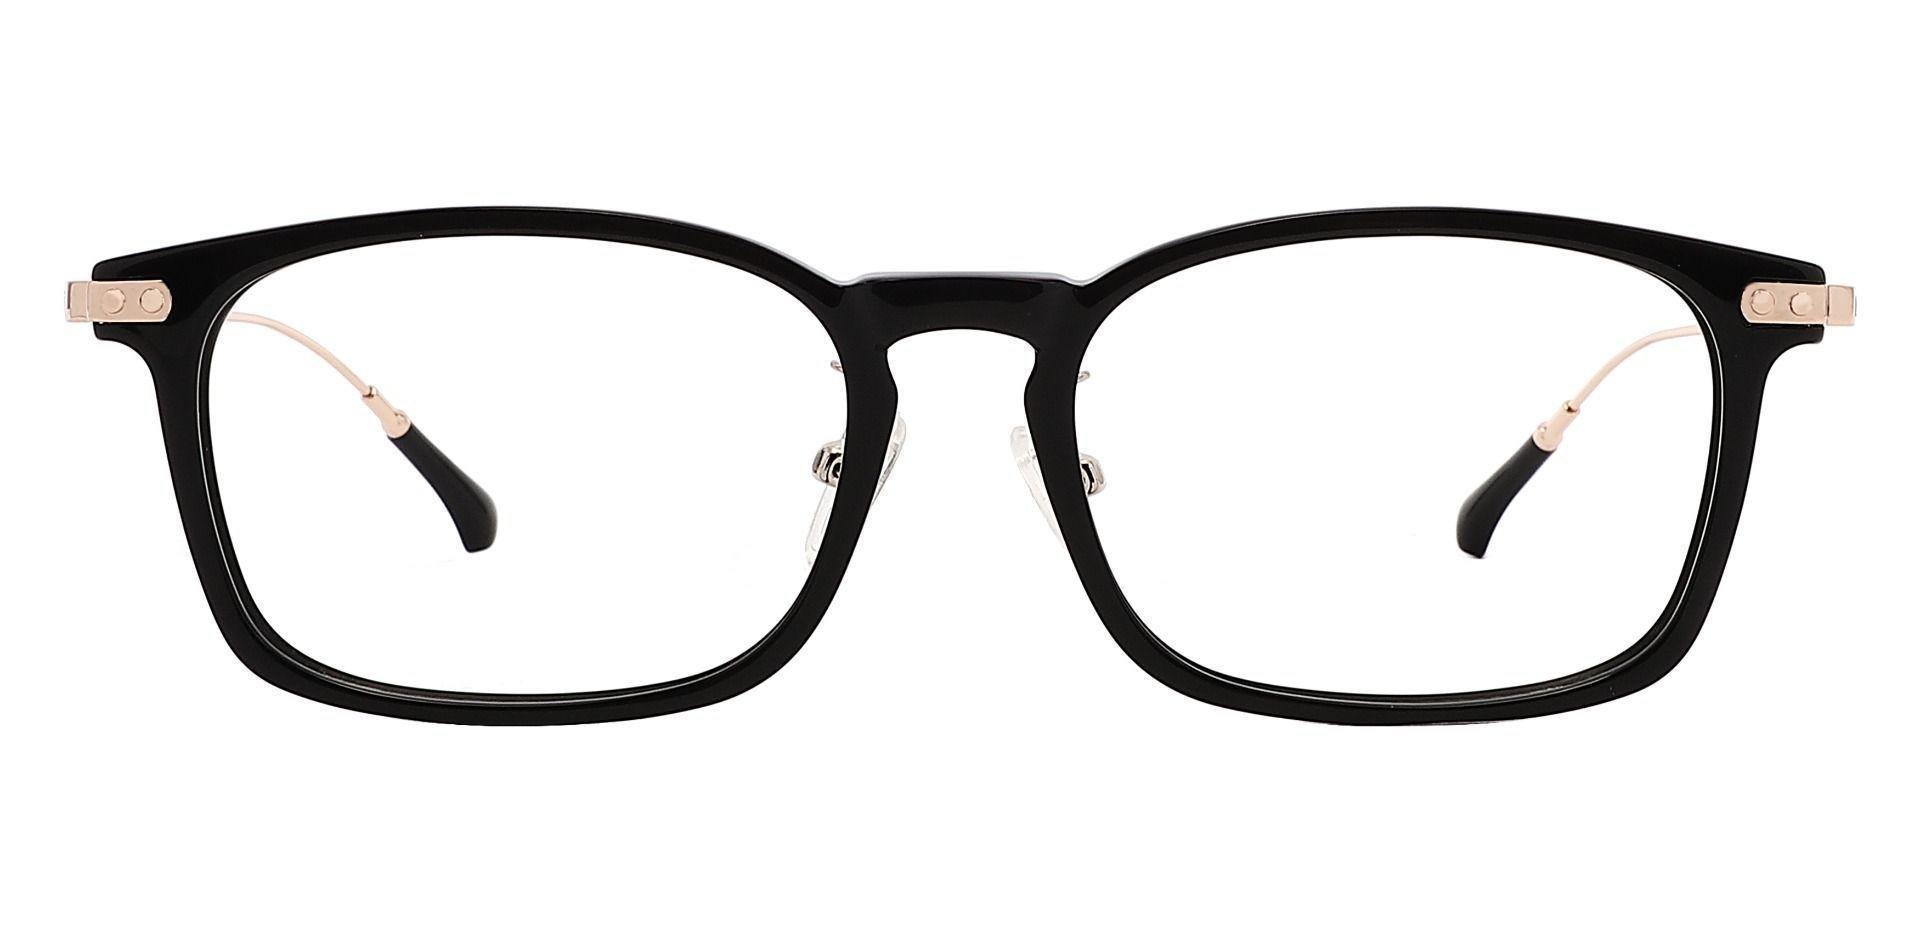 Barron Rectangle Non-Rx Glasses - Black